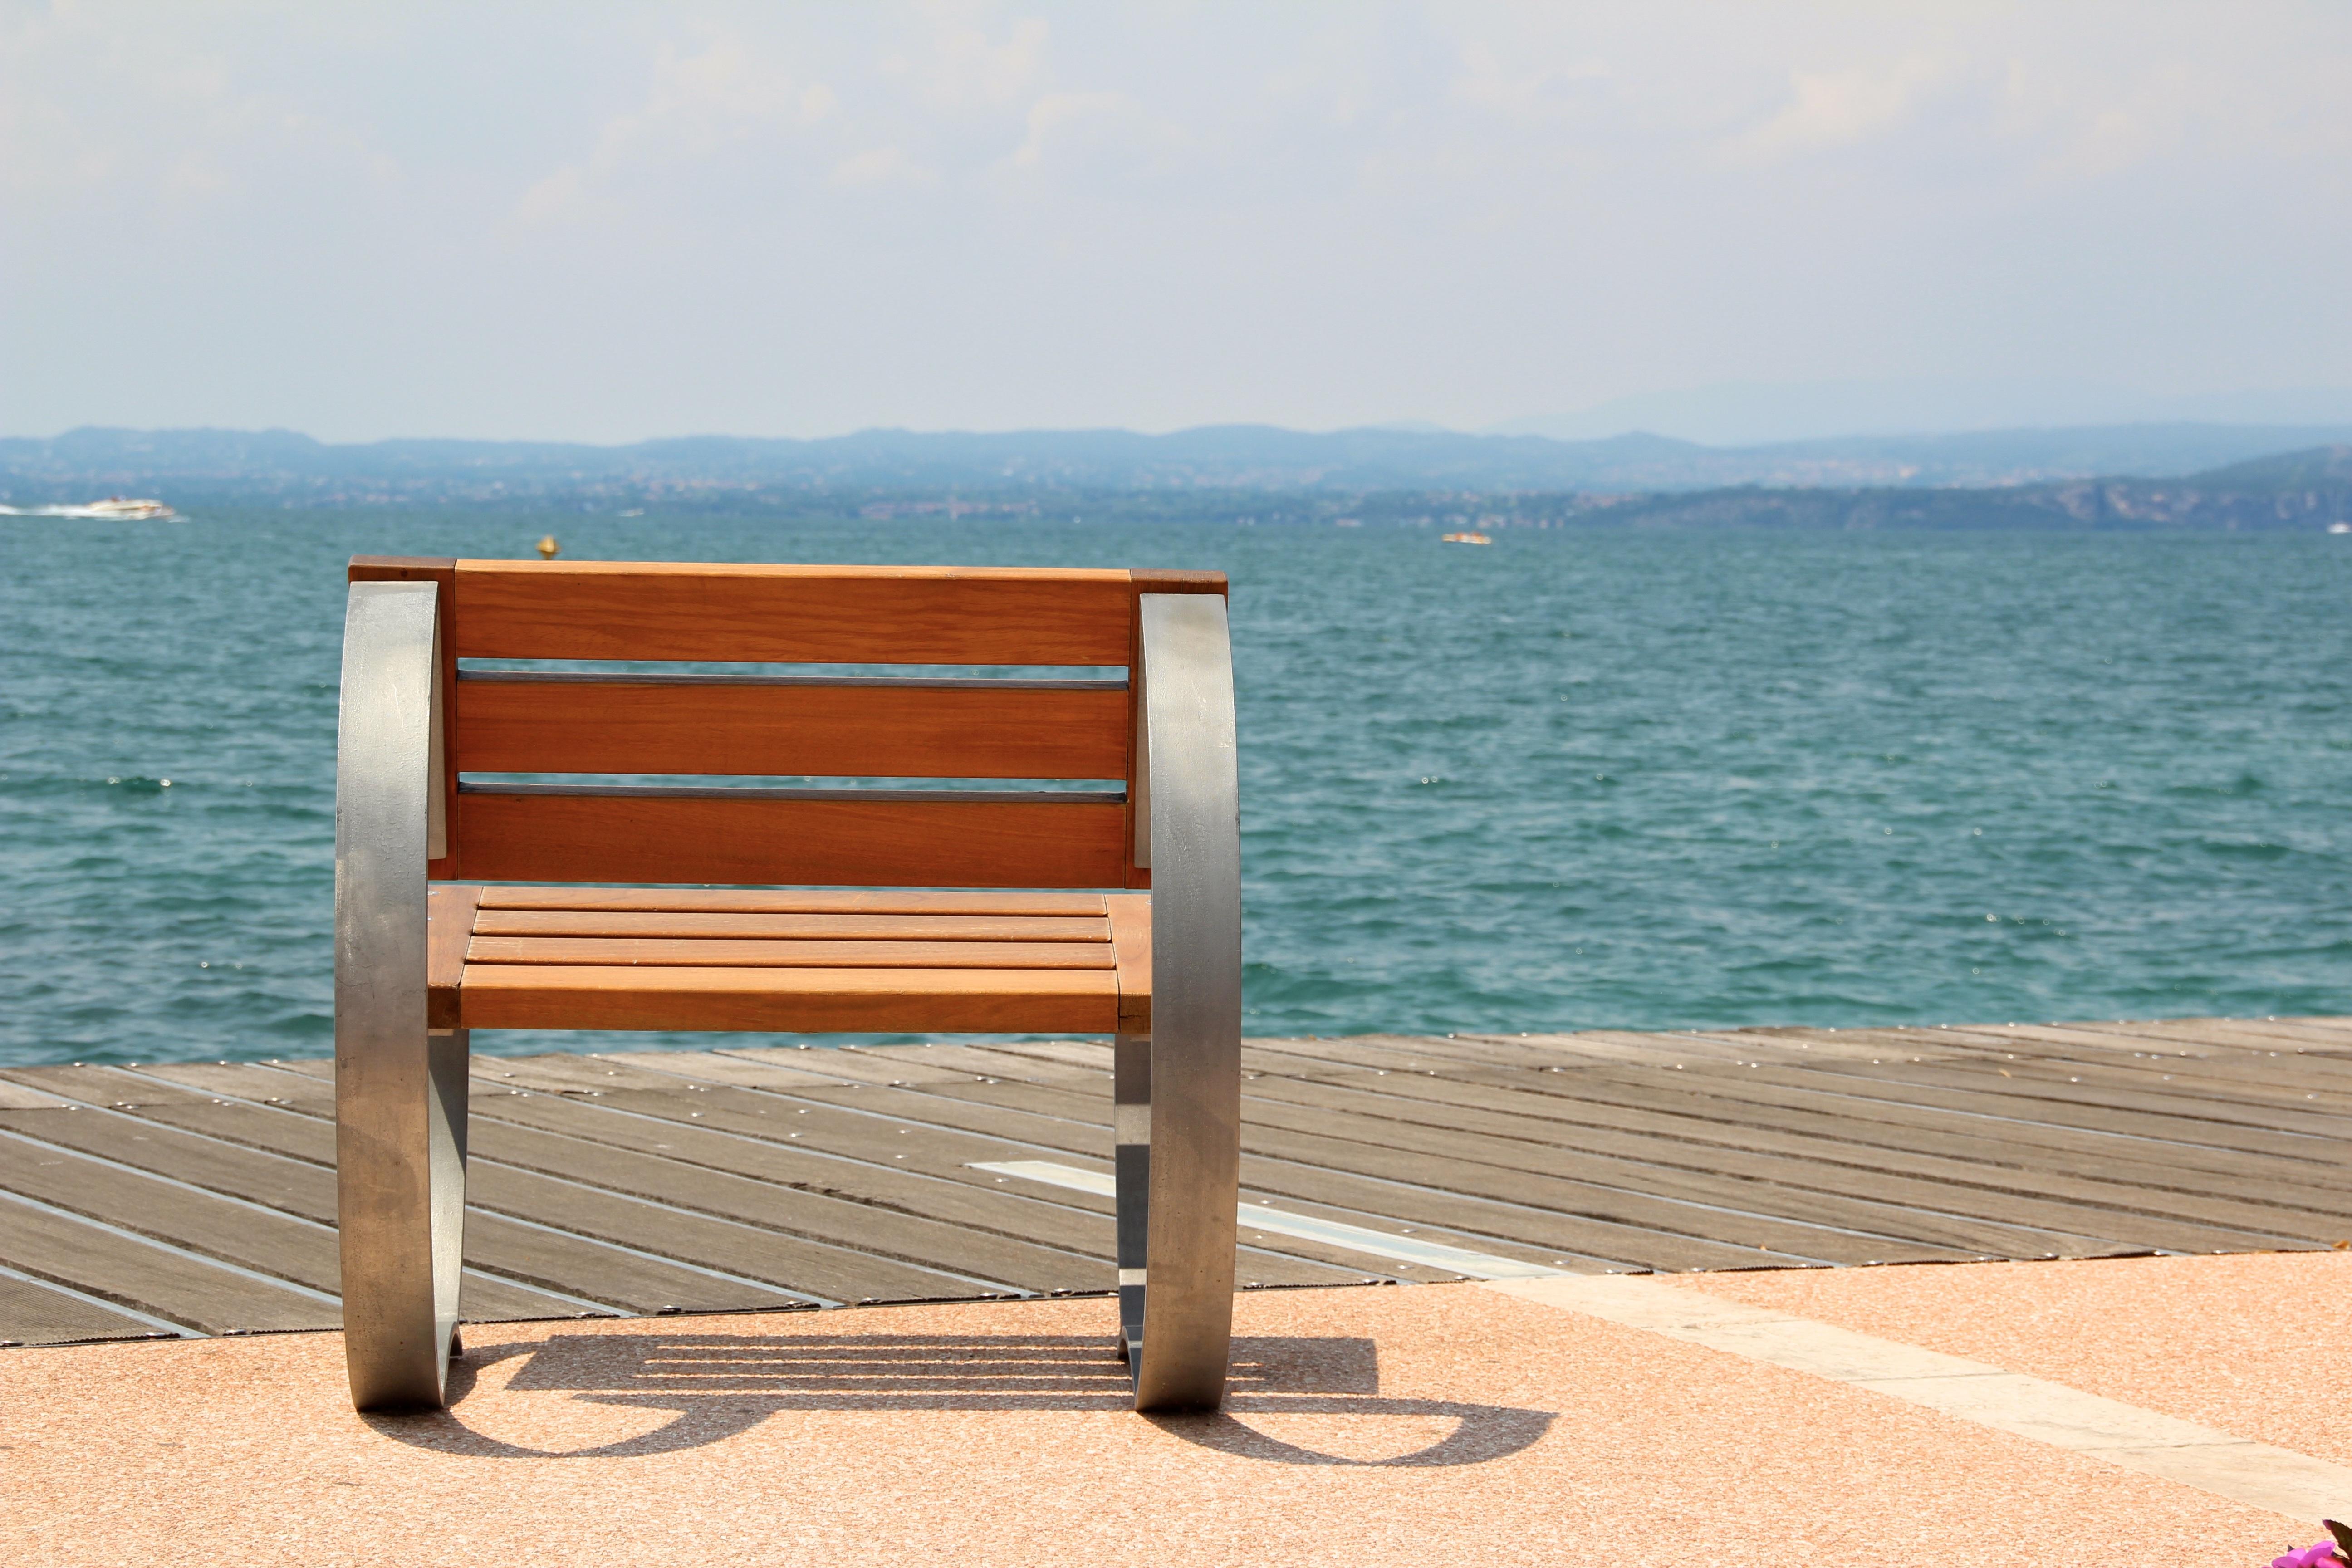 Schön Tabelle Wasser Holz Sessel Entspannen Sie Sich Italien Sich Ausruhen Möbel  Garda Bank Ausblick Gute Aussicht